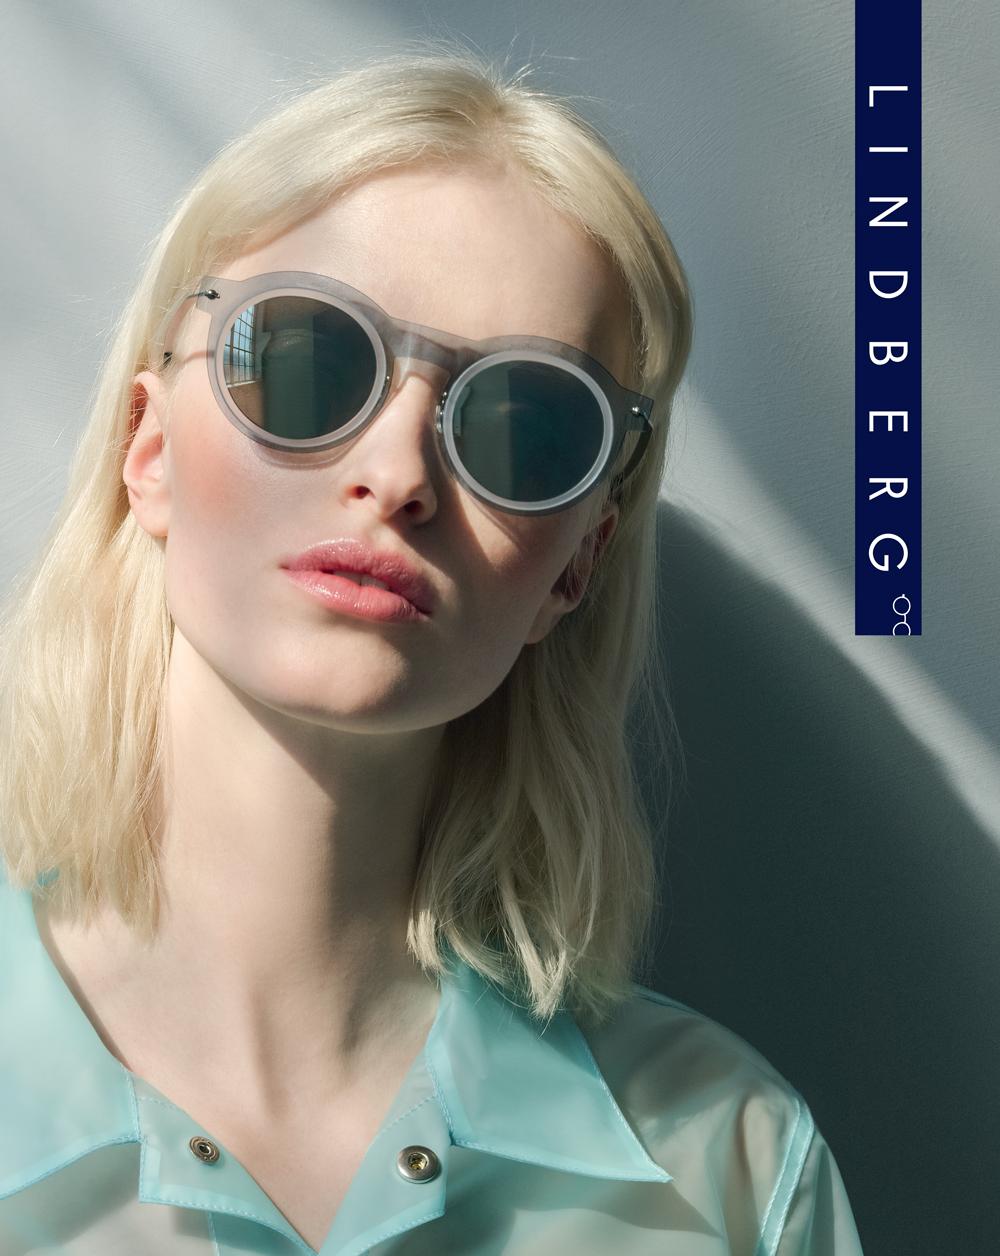 centri-ottici-belotti-ottica-udito-occhiali-da-sole-e-da-vista-canton-ticino-lindberg-430x540-2